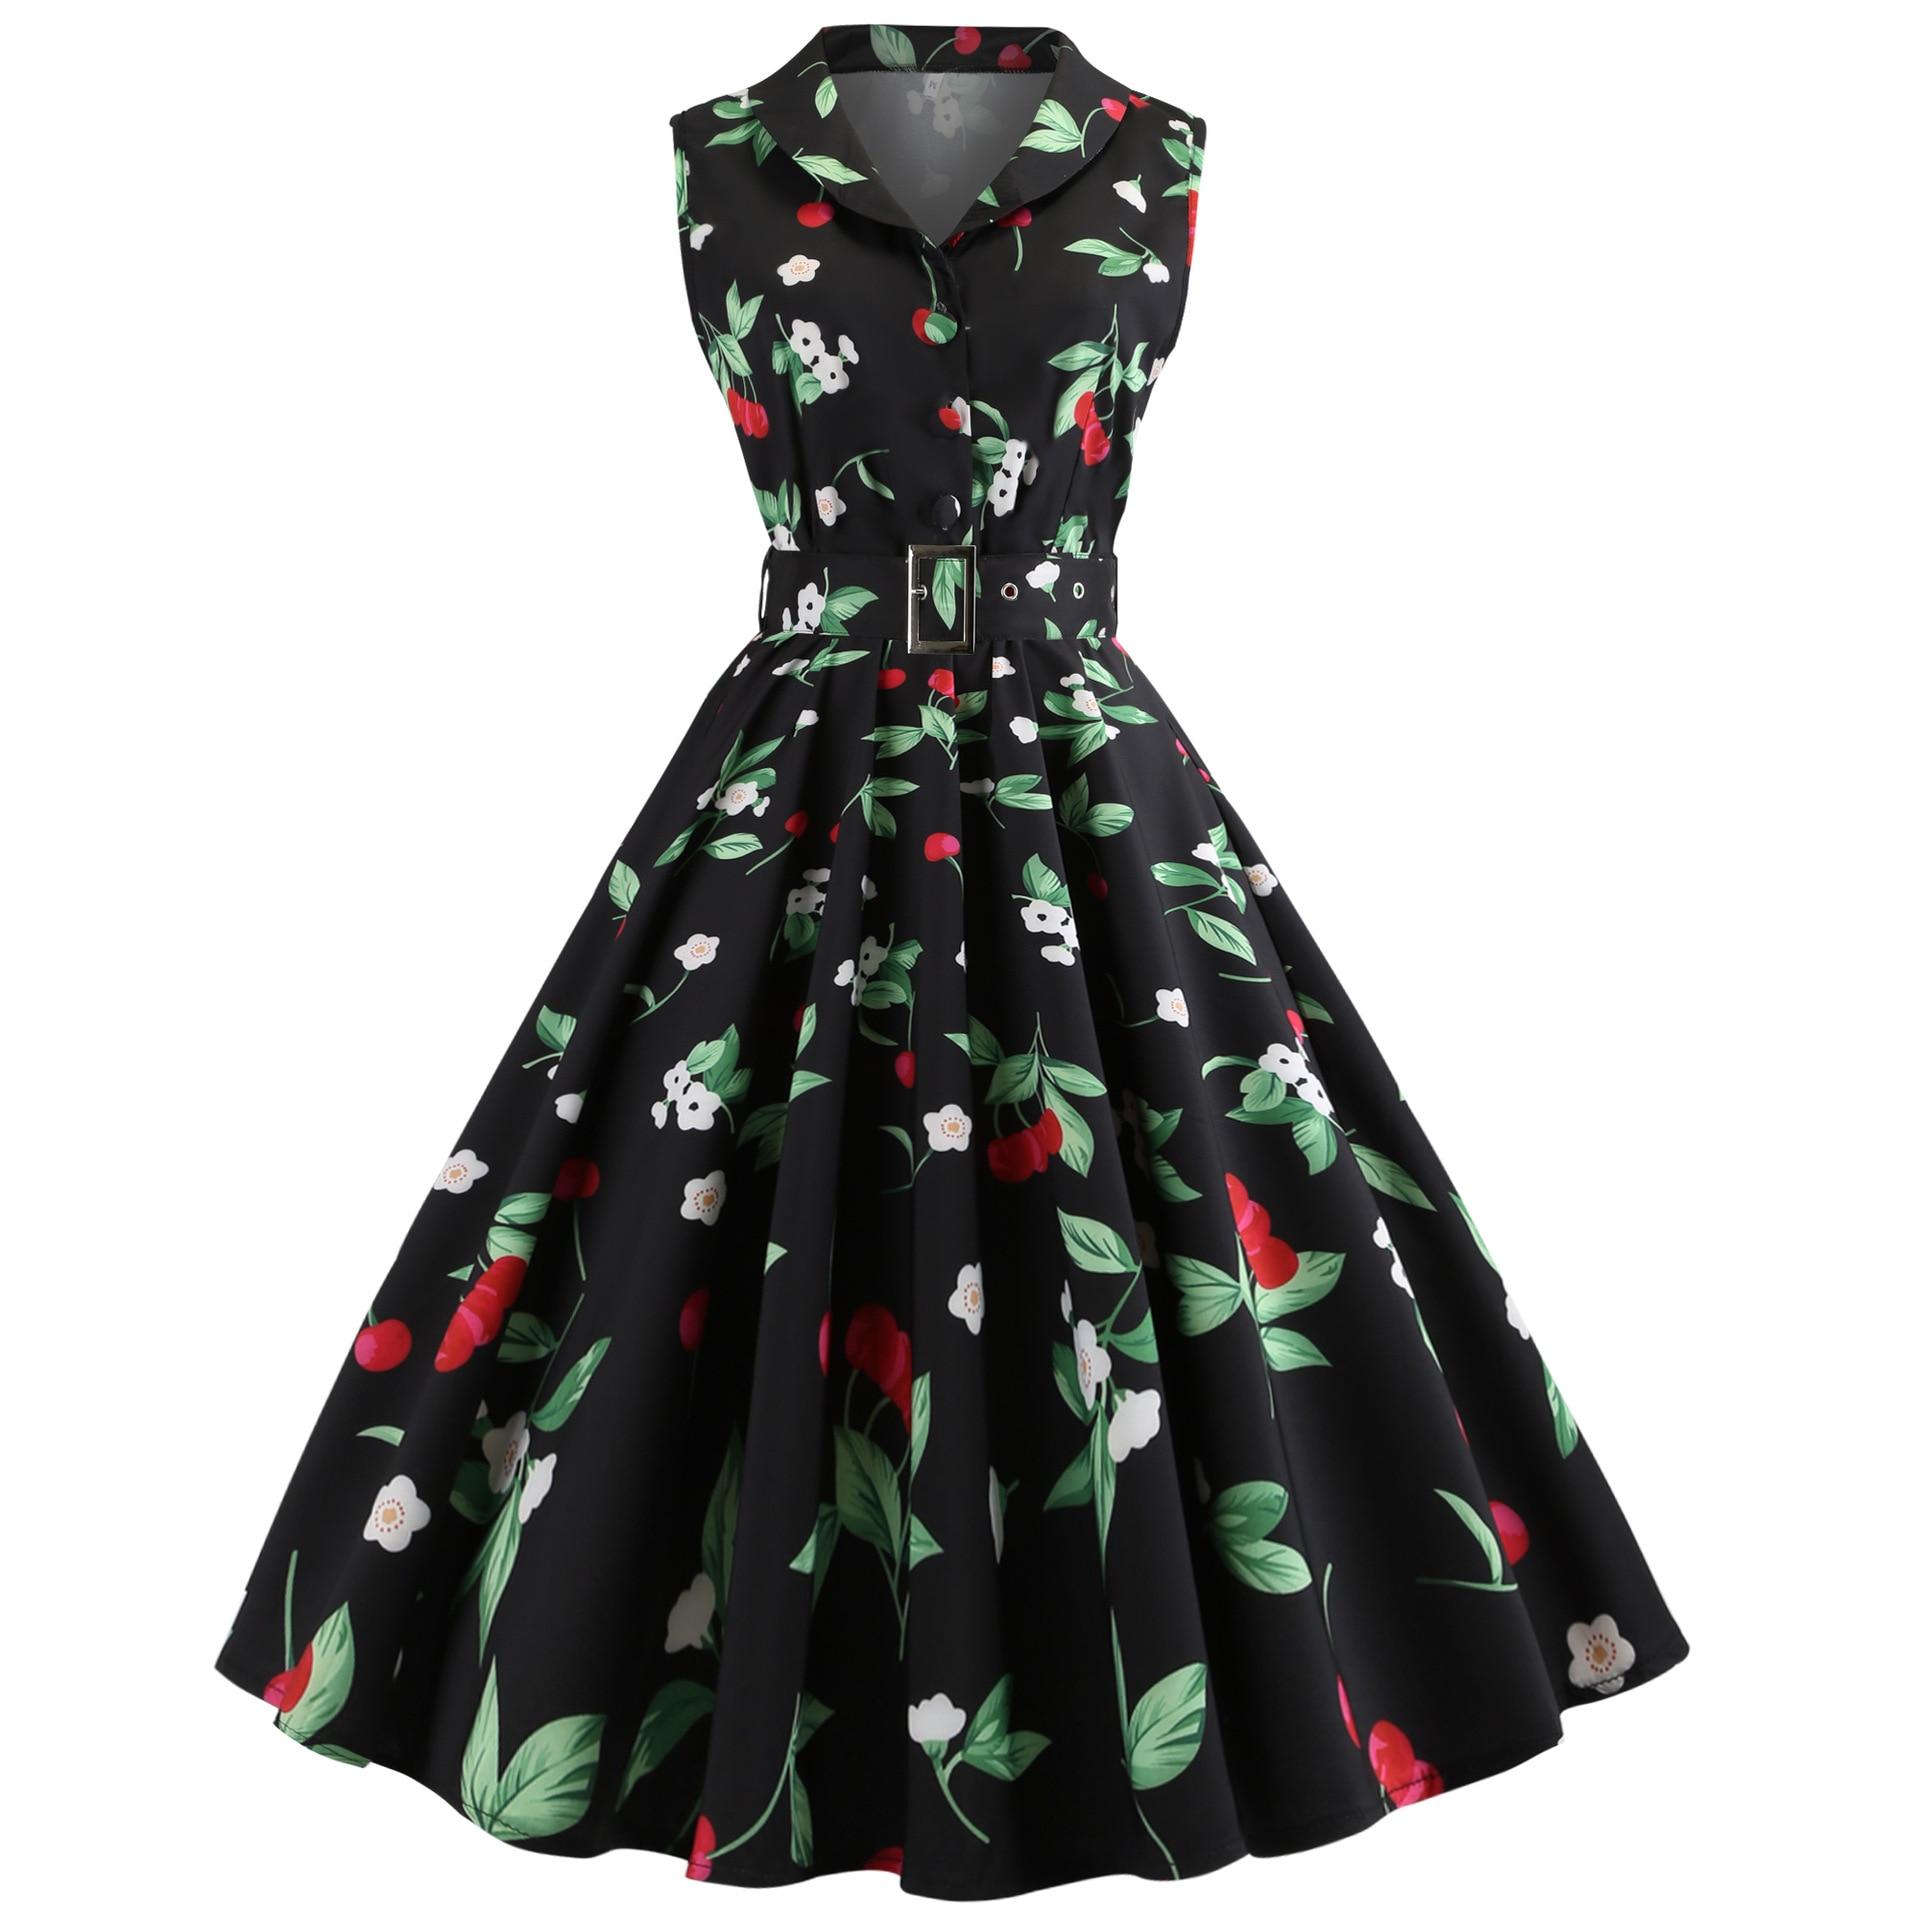 Vestido de mujer moda Otoño clásico 2020 de talla grande retro otoño flor vestidos de mujer vestido sexy ropa de mujer 2020